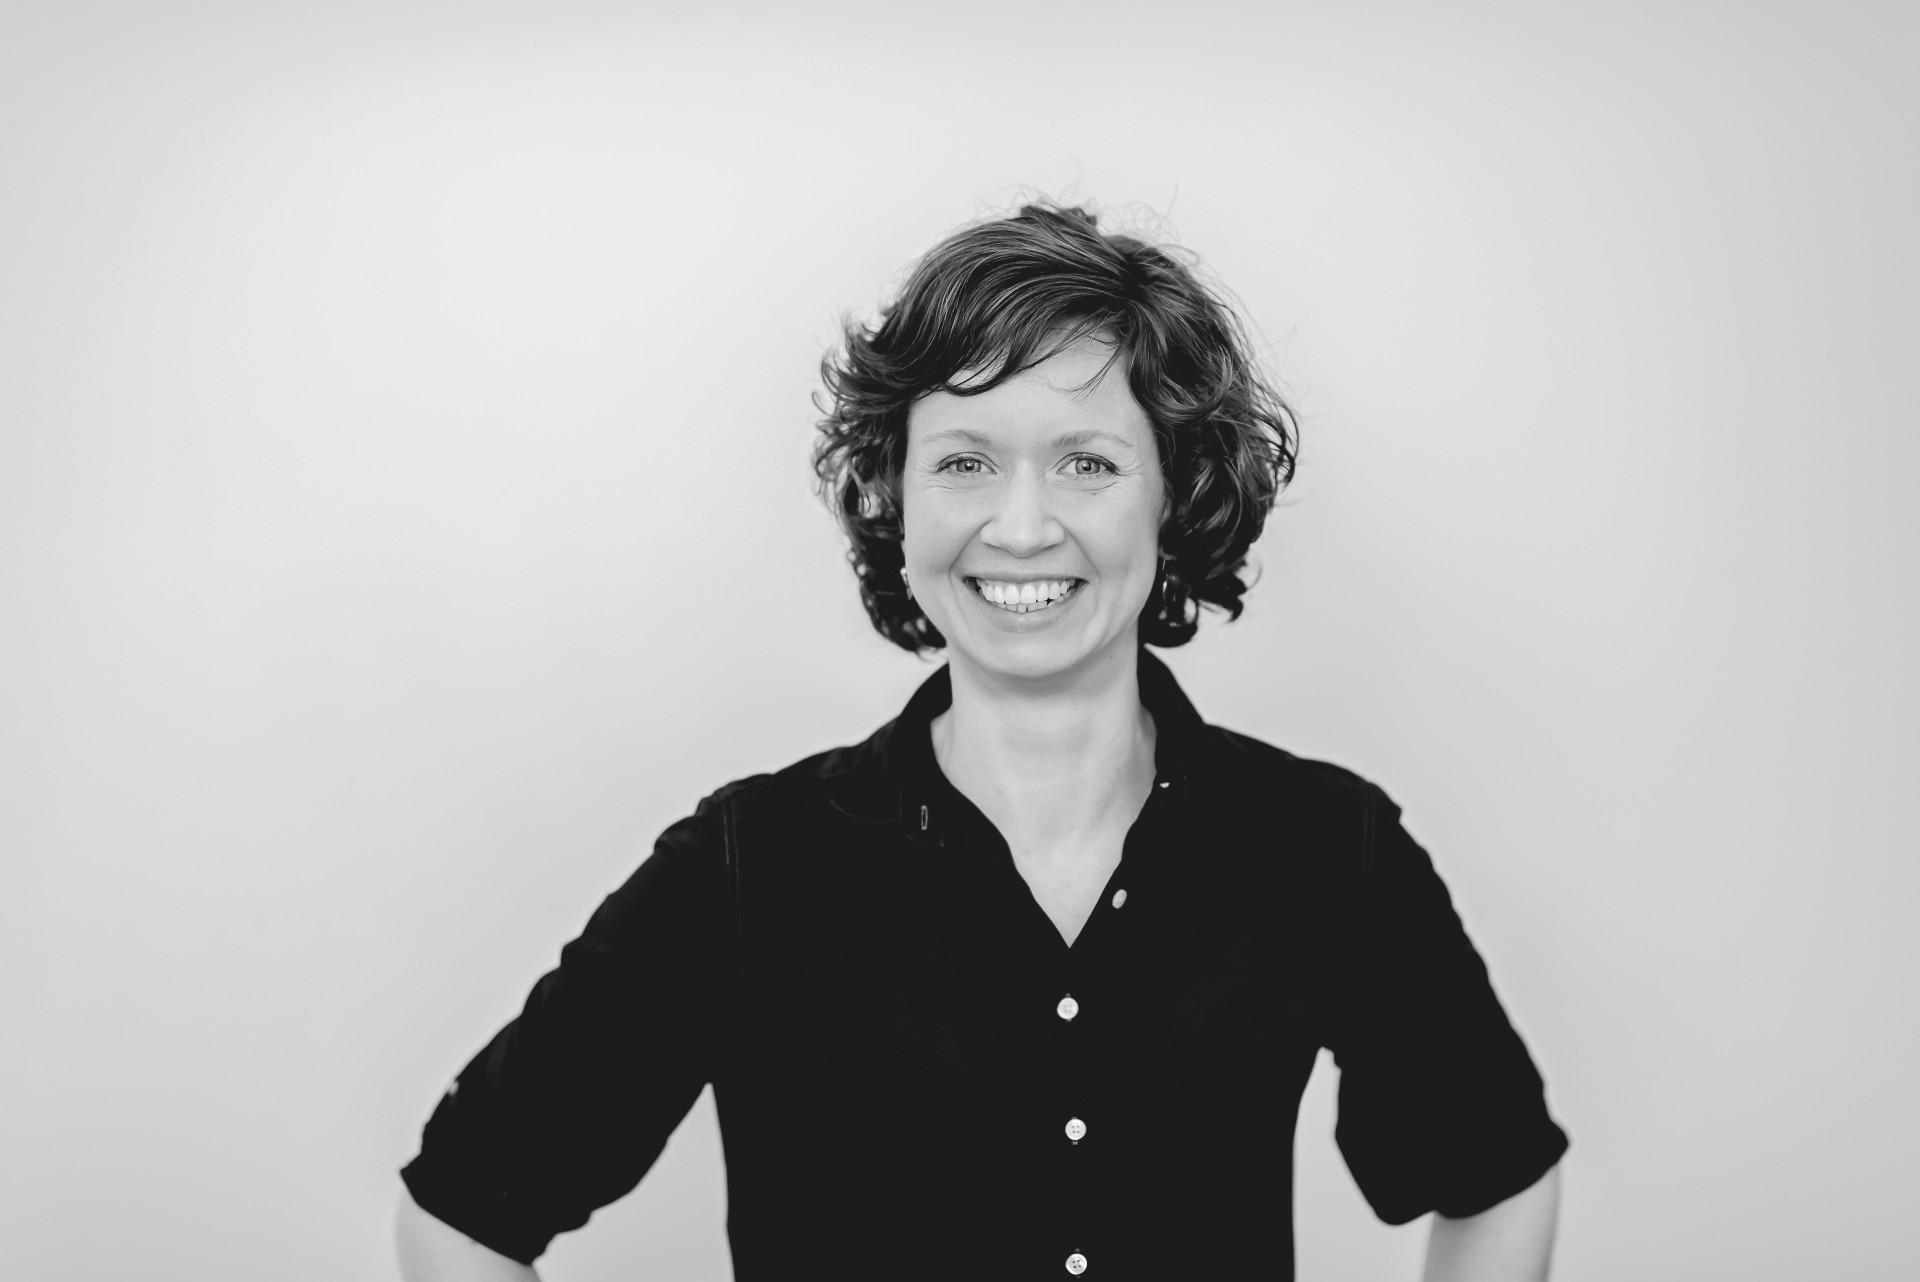 Drei Eins – Architektur- und Stadtplanungsbüro in Frankfurt Rebecca Faller